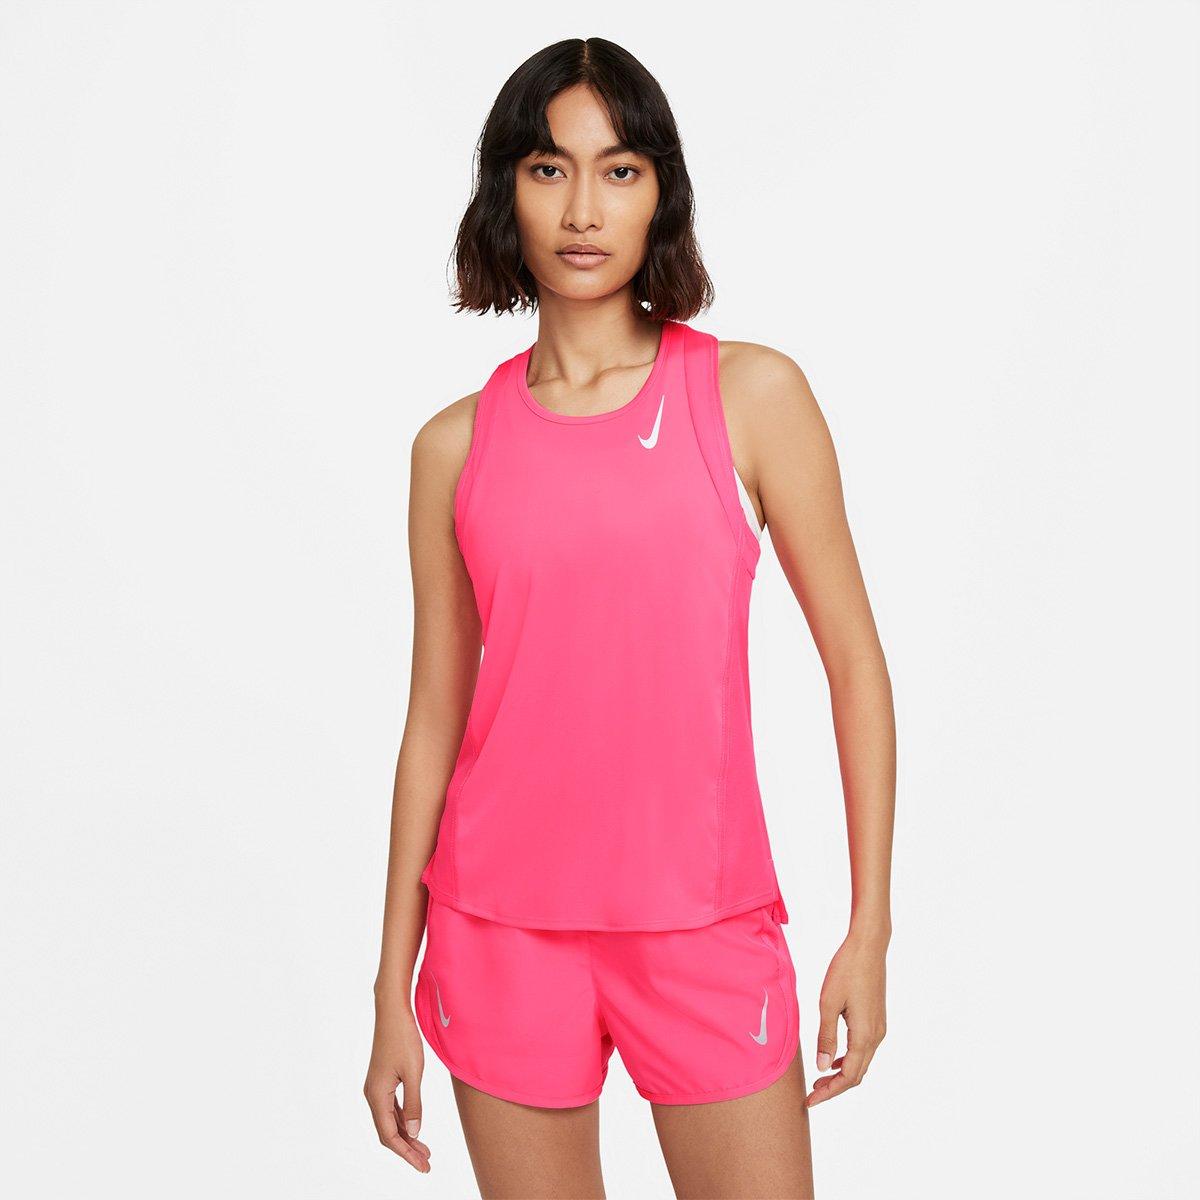 Regata Nike Dri-fit Race Singlet Feminina